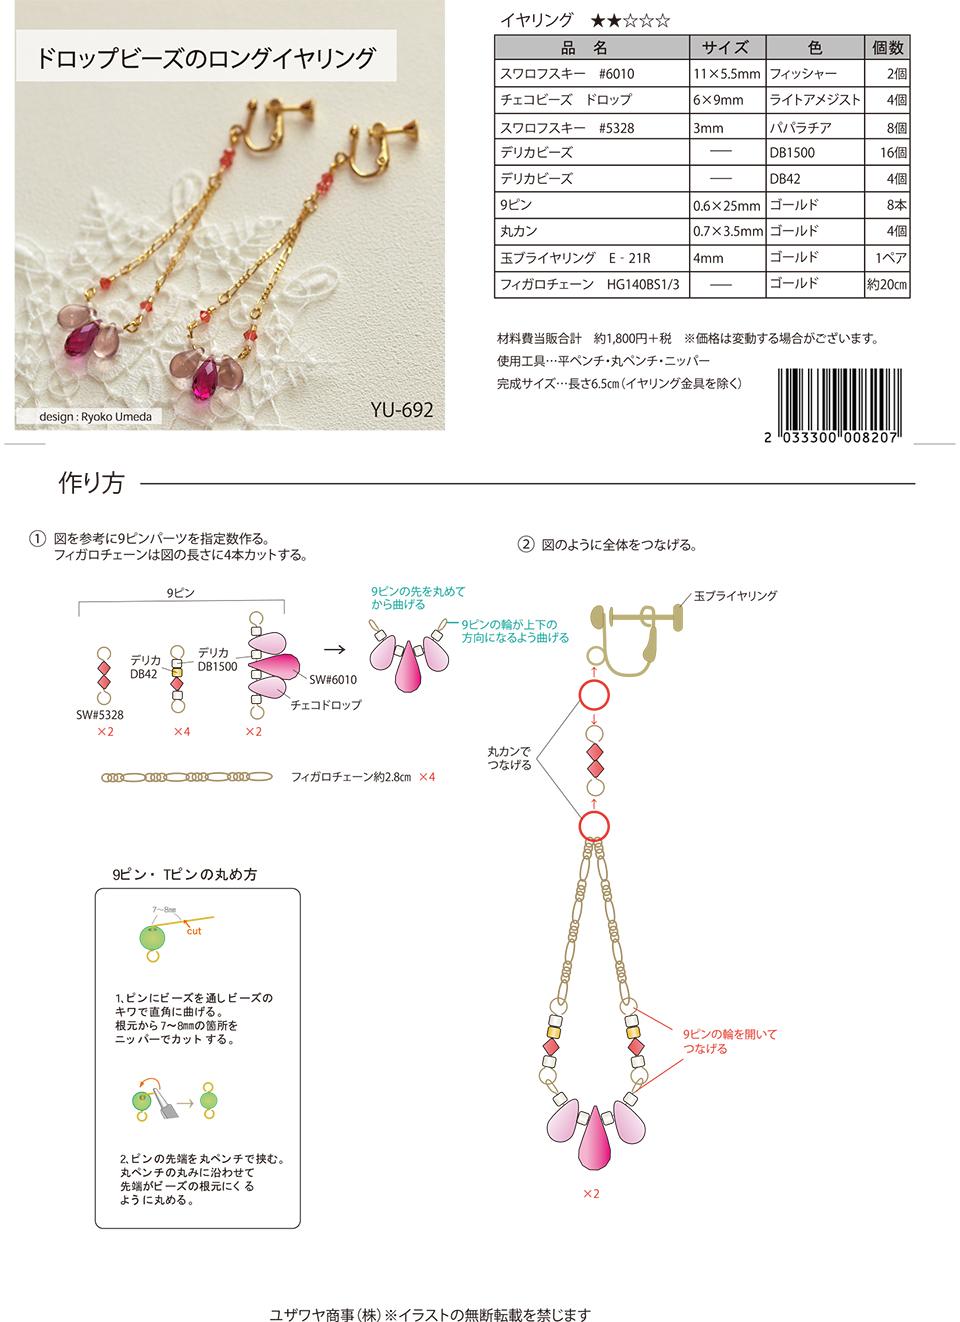 YU-692ドロップビーズのロングイヤリング_1.jpg